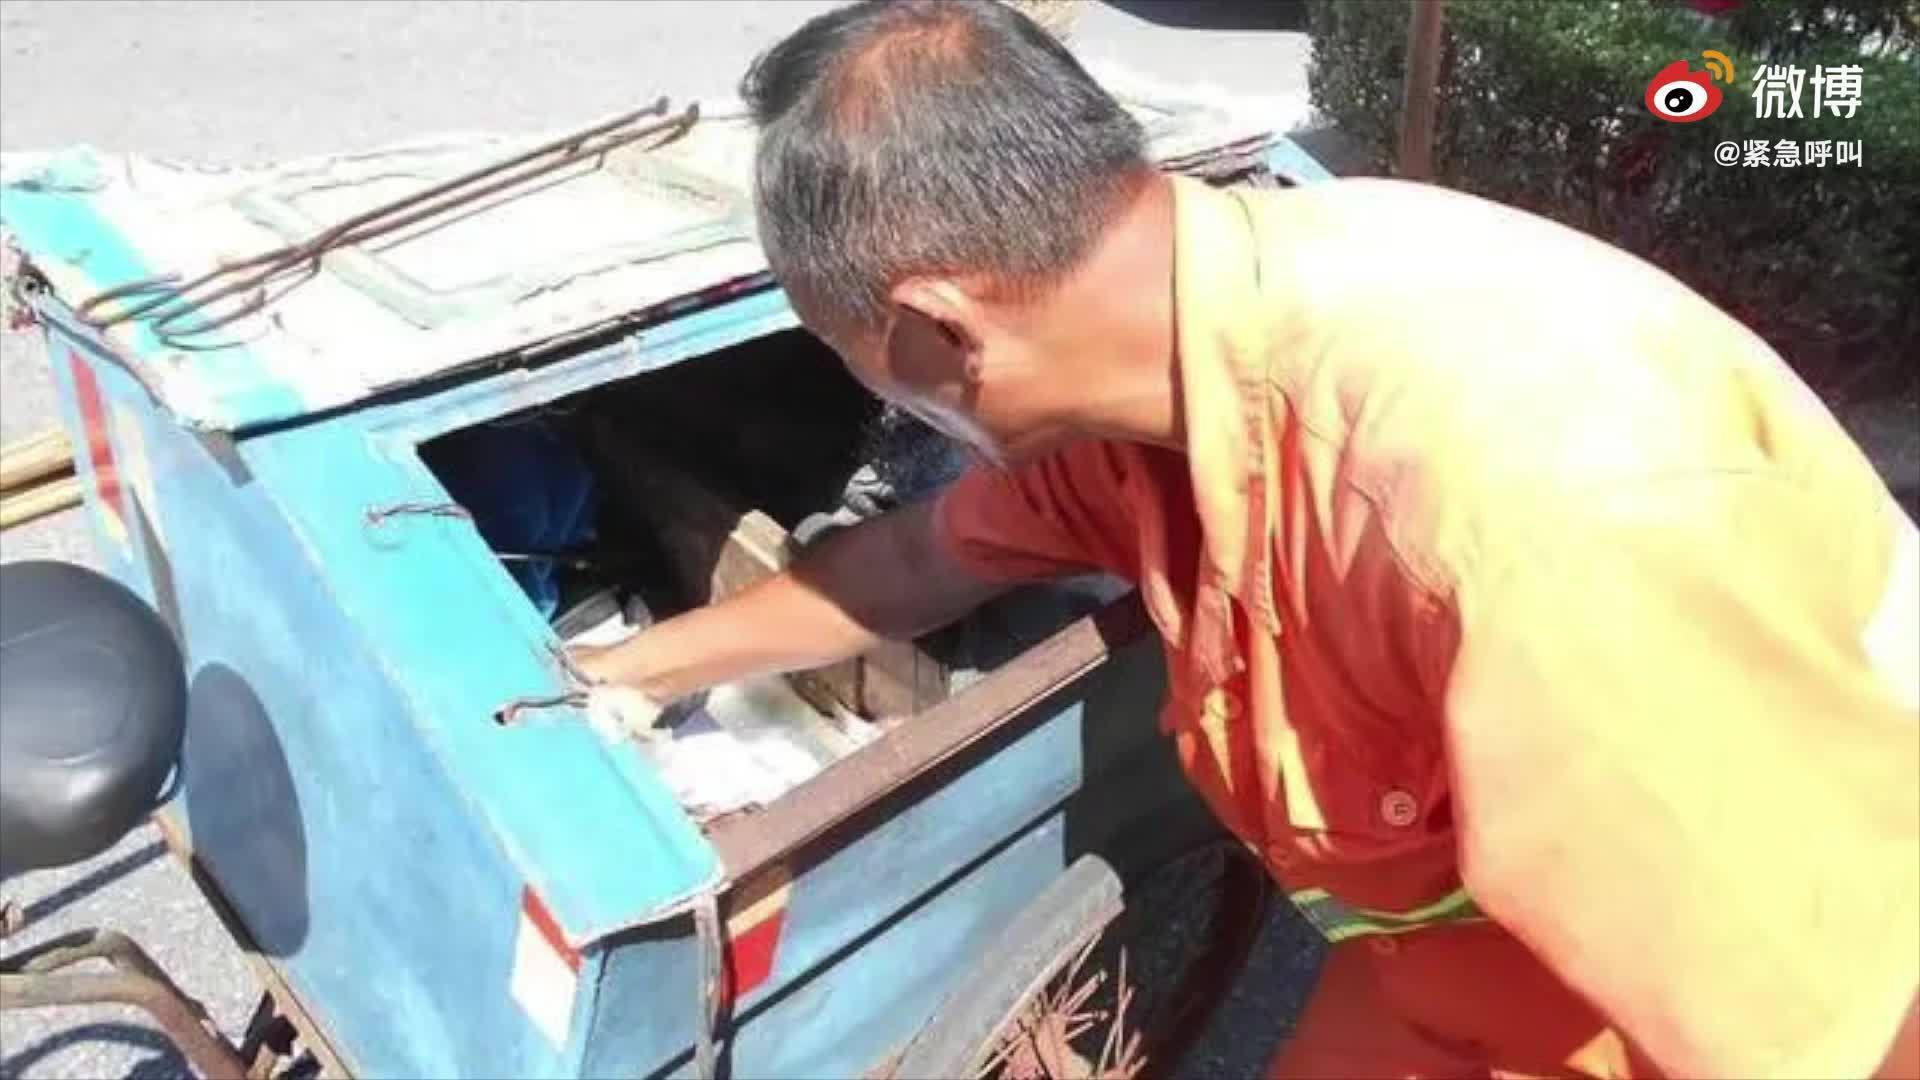 亲生父亲将早产女婴扔垃圾车 涉嫌遗弃罪被警方实施强制措施